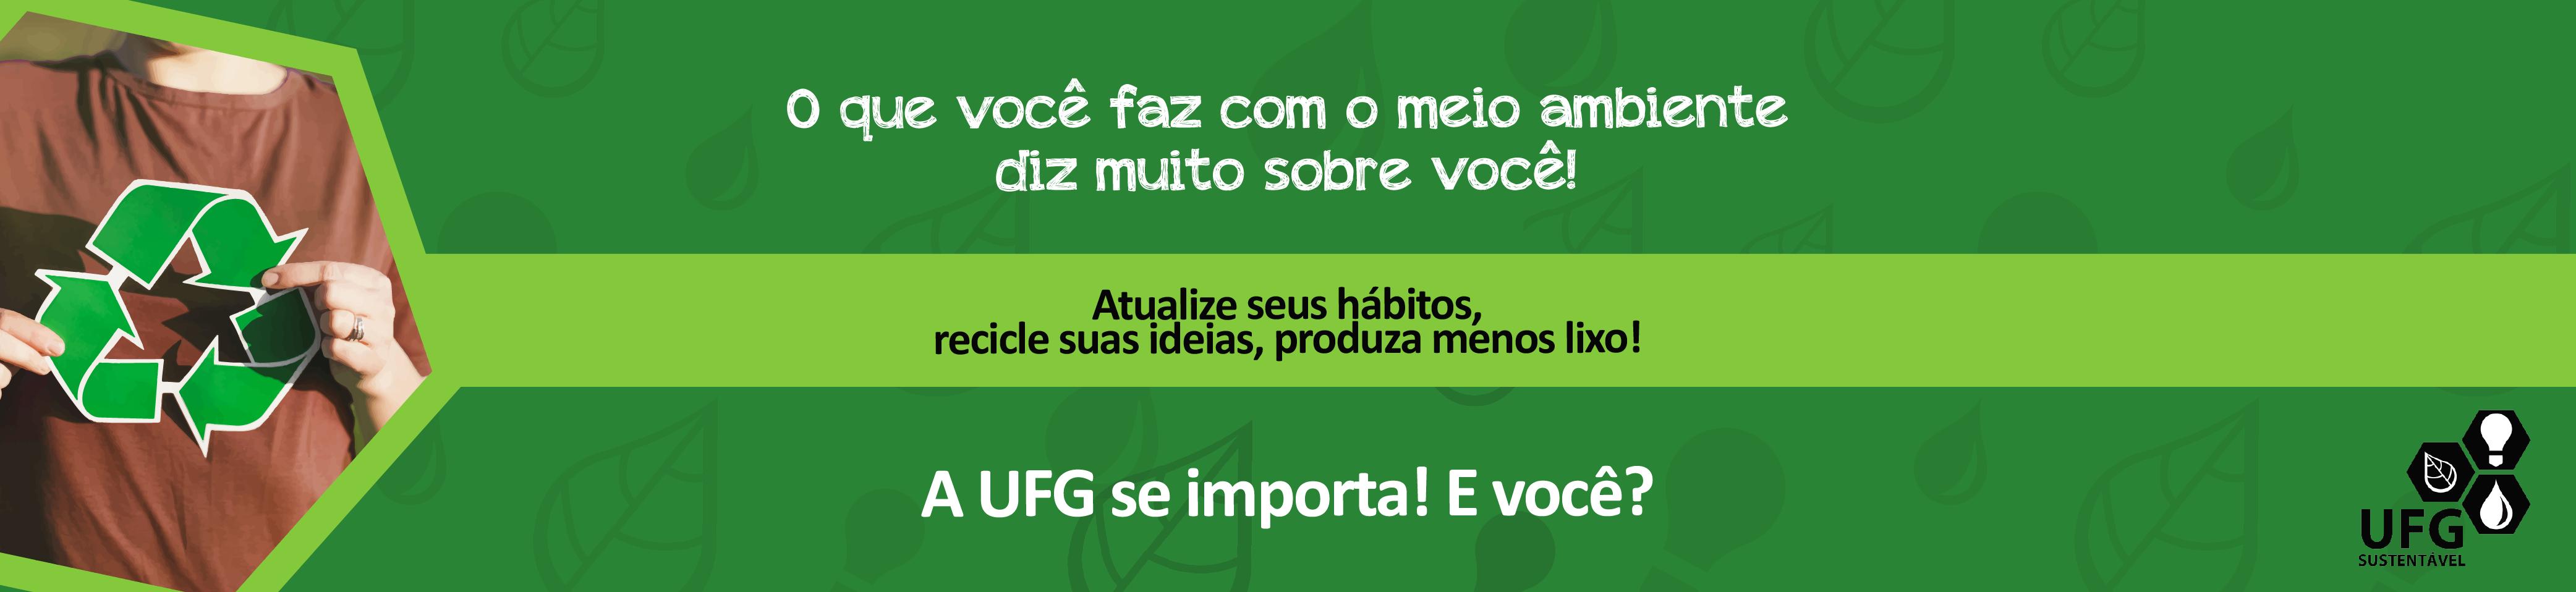 UFG Sustentável Banner